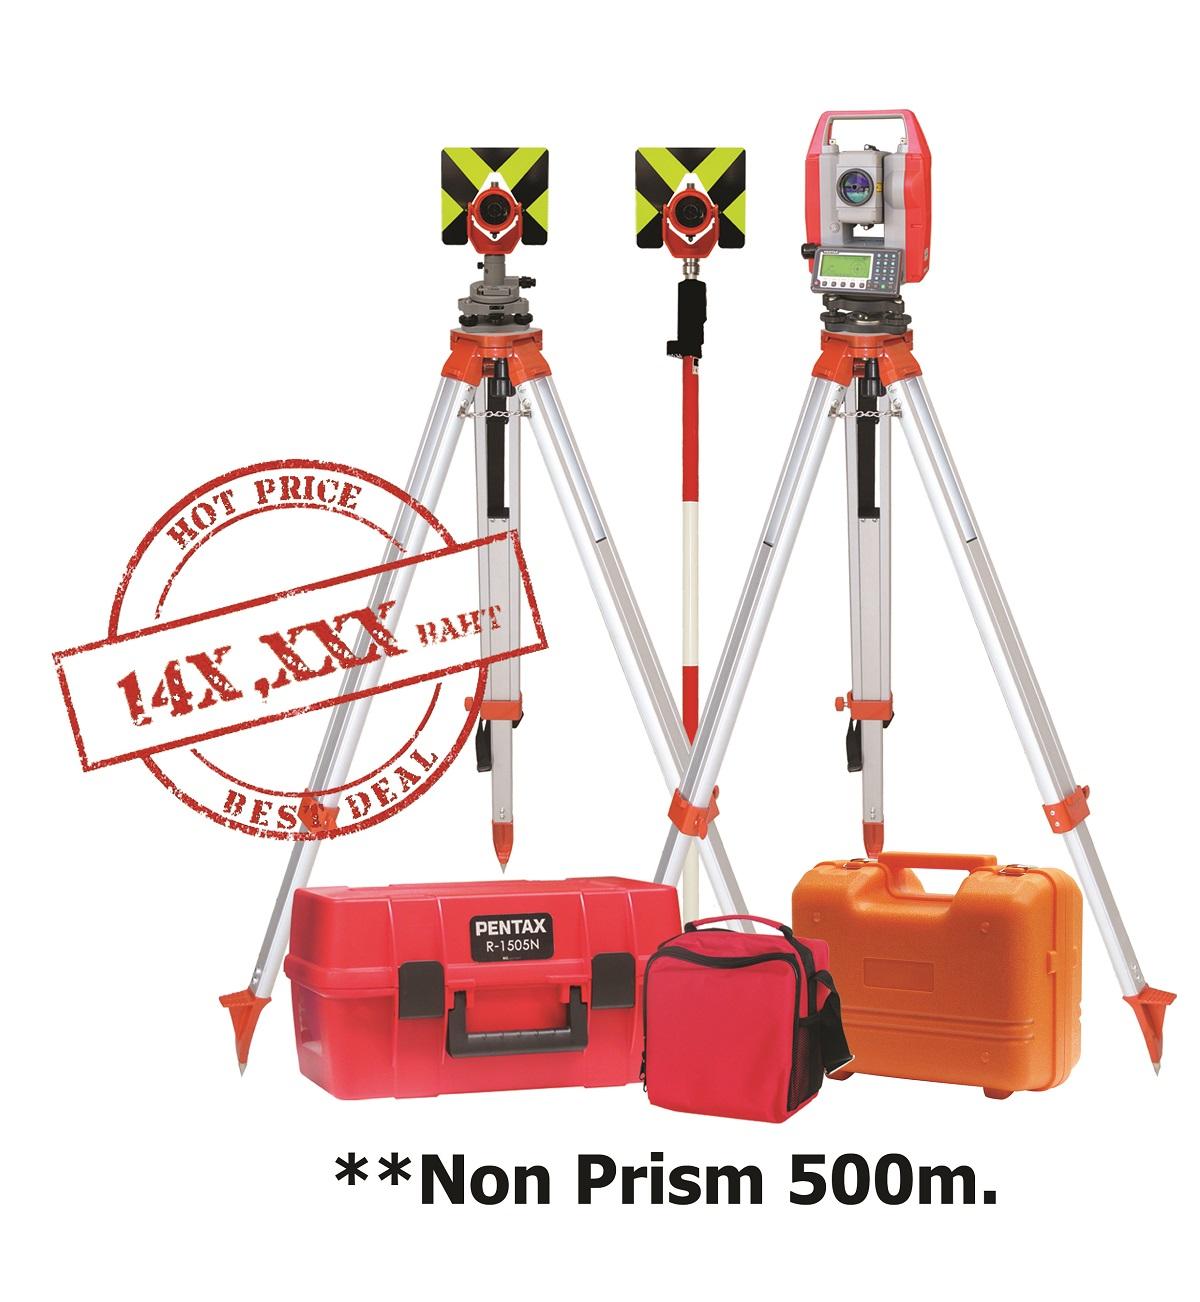 กล้อง TOTAL STATION ราคาพิเศษ  ยี่ห้อ PENTAX รุ่น R-1505N กล้องสำรวจอิเล็กทรอนิกส์  ชนิดวัดระยะทางได้ 500 ม.โดยไม่ใช้ เป้าสะท้อน จำหน่ายกล้องTotal Station มือ1,กล้องTotal Station วัดระยะทางได้,กล้อง Total Station วัดระยะแบบอ่านค่าพิกัดได้,จำหน่ายกล้องTotal Station แบรนด์ดัง โทร. 086-0862000